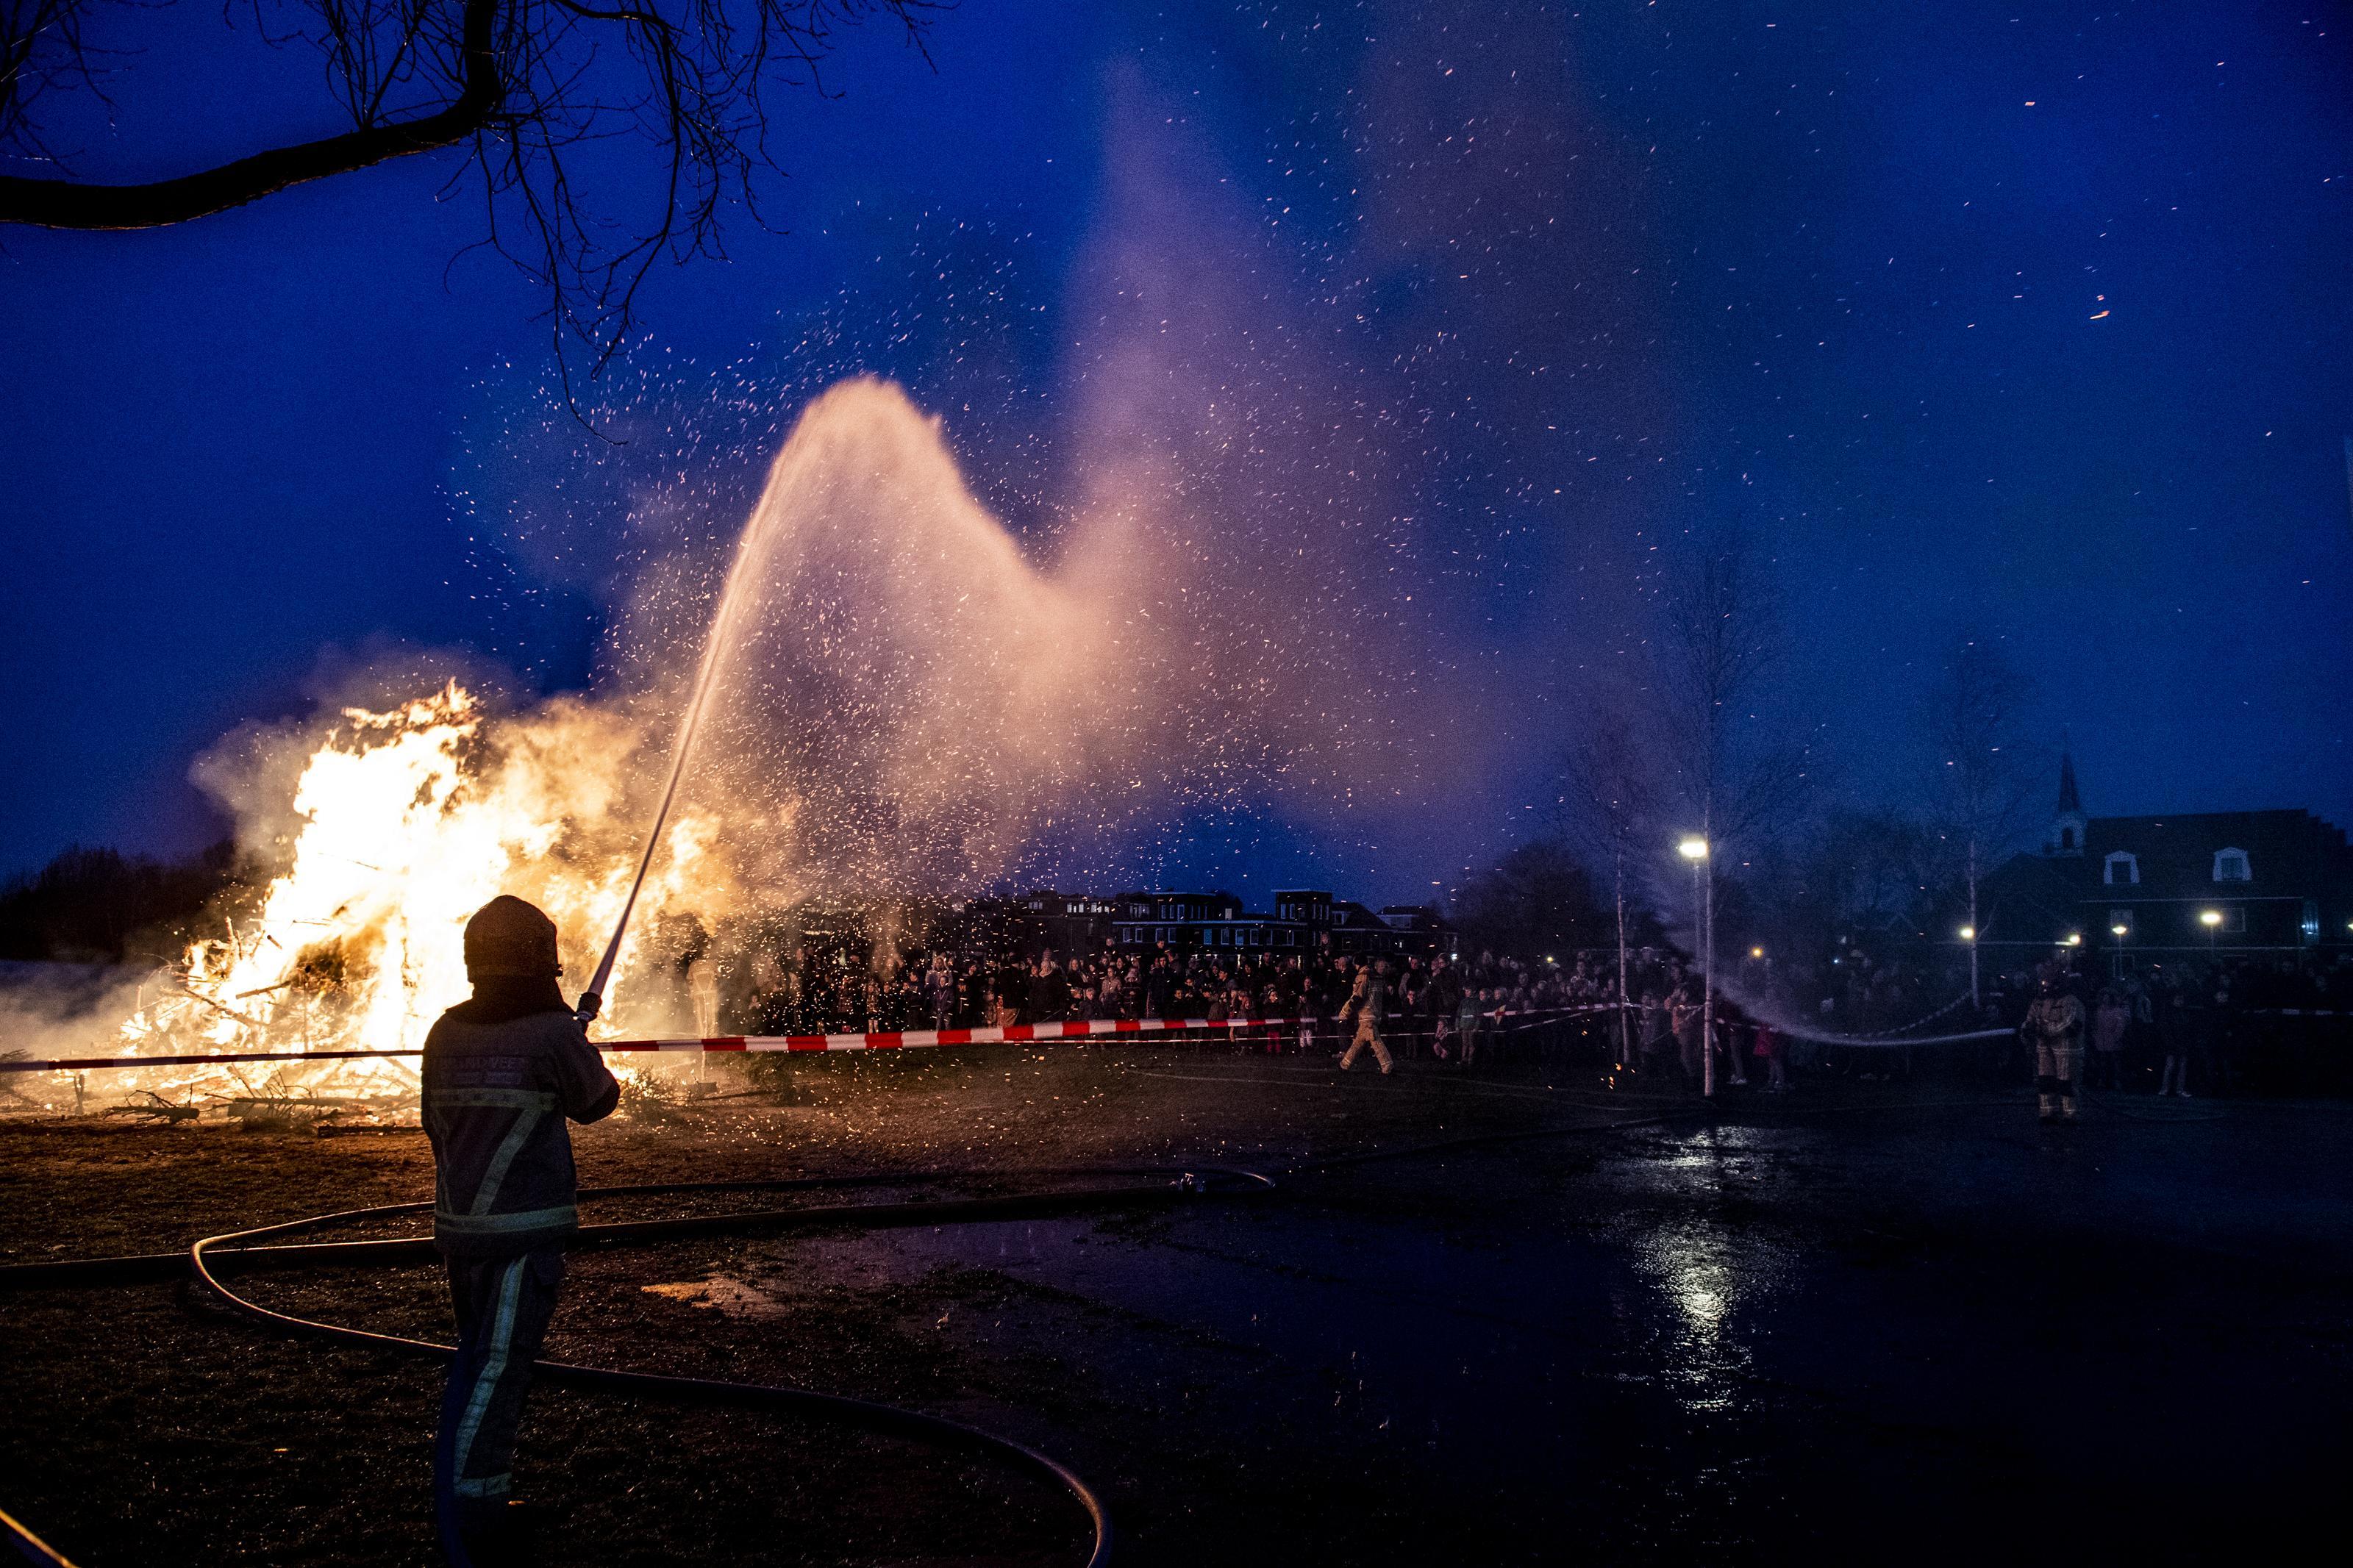 Geen vreugdevuur meer in Monnickendam en in Landsmeer voor het laatst; kerstboombrand steeds vaker taboe in regio